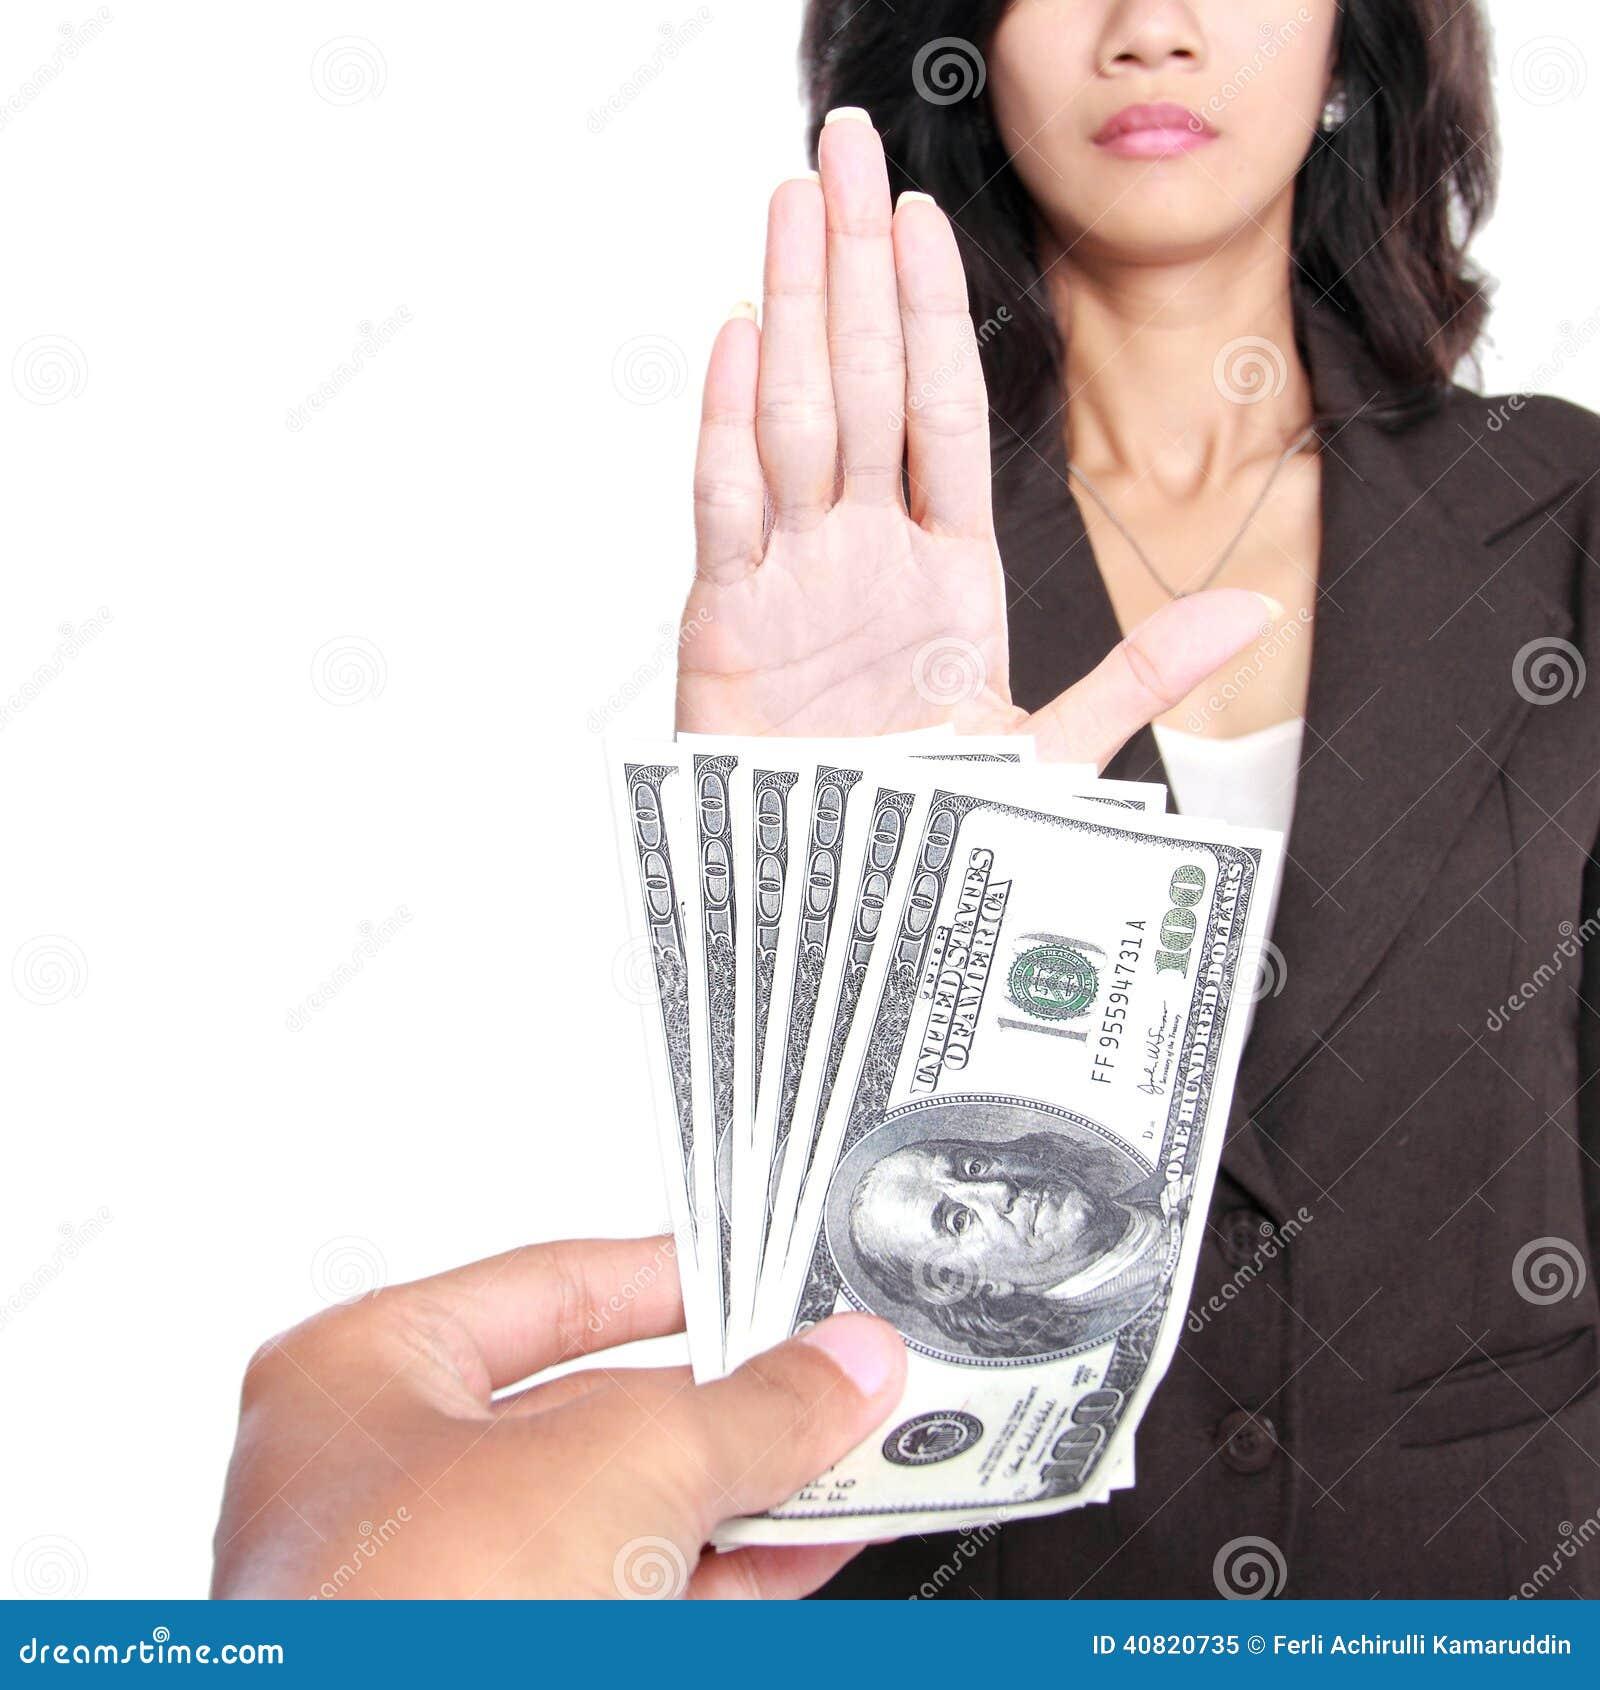 Het conceptuele beeld van hand geeft geld voor corruptie